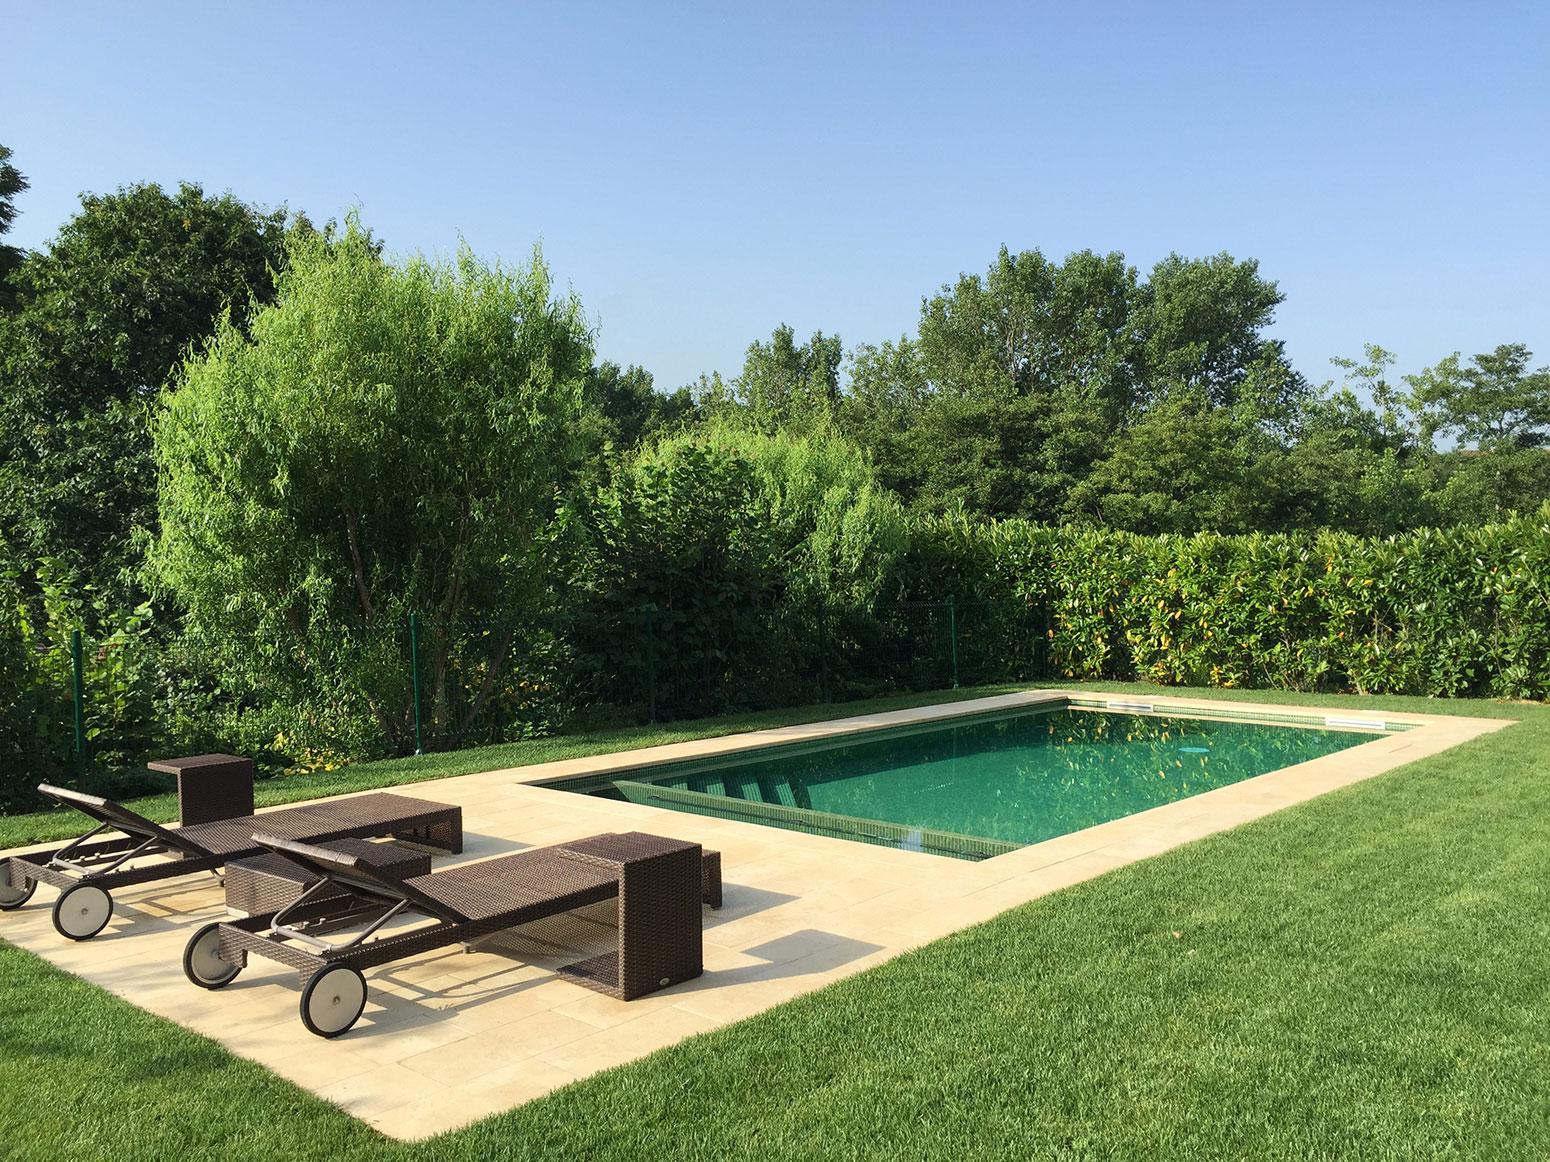 Las mejores tendencias en construcci n de piscinas 2017 for Piscina de buitrago de lozoya 2017